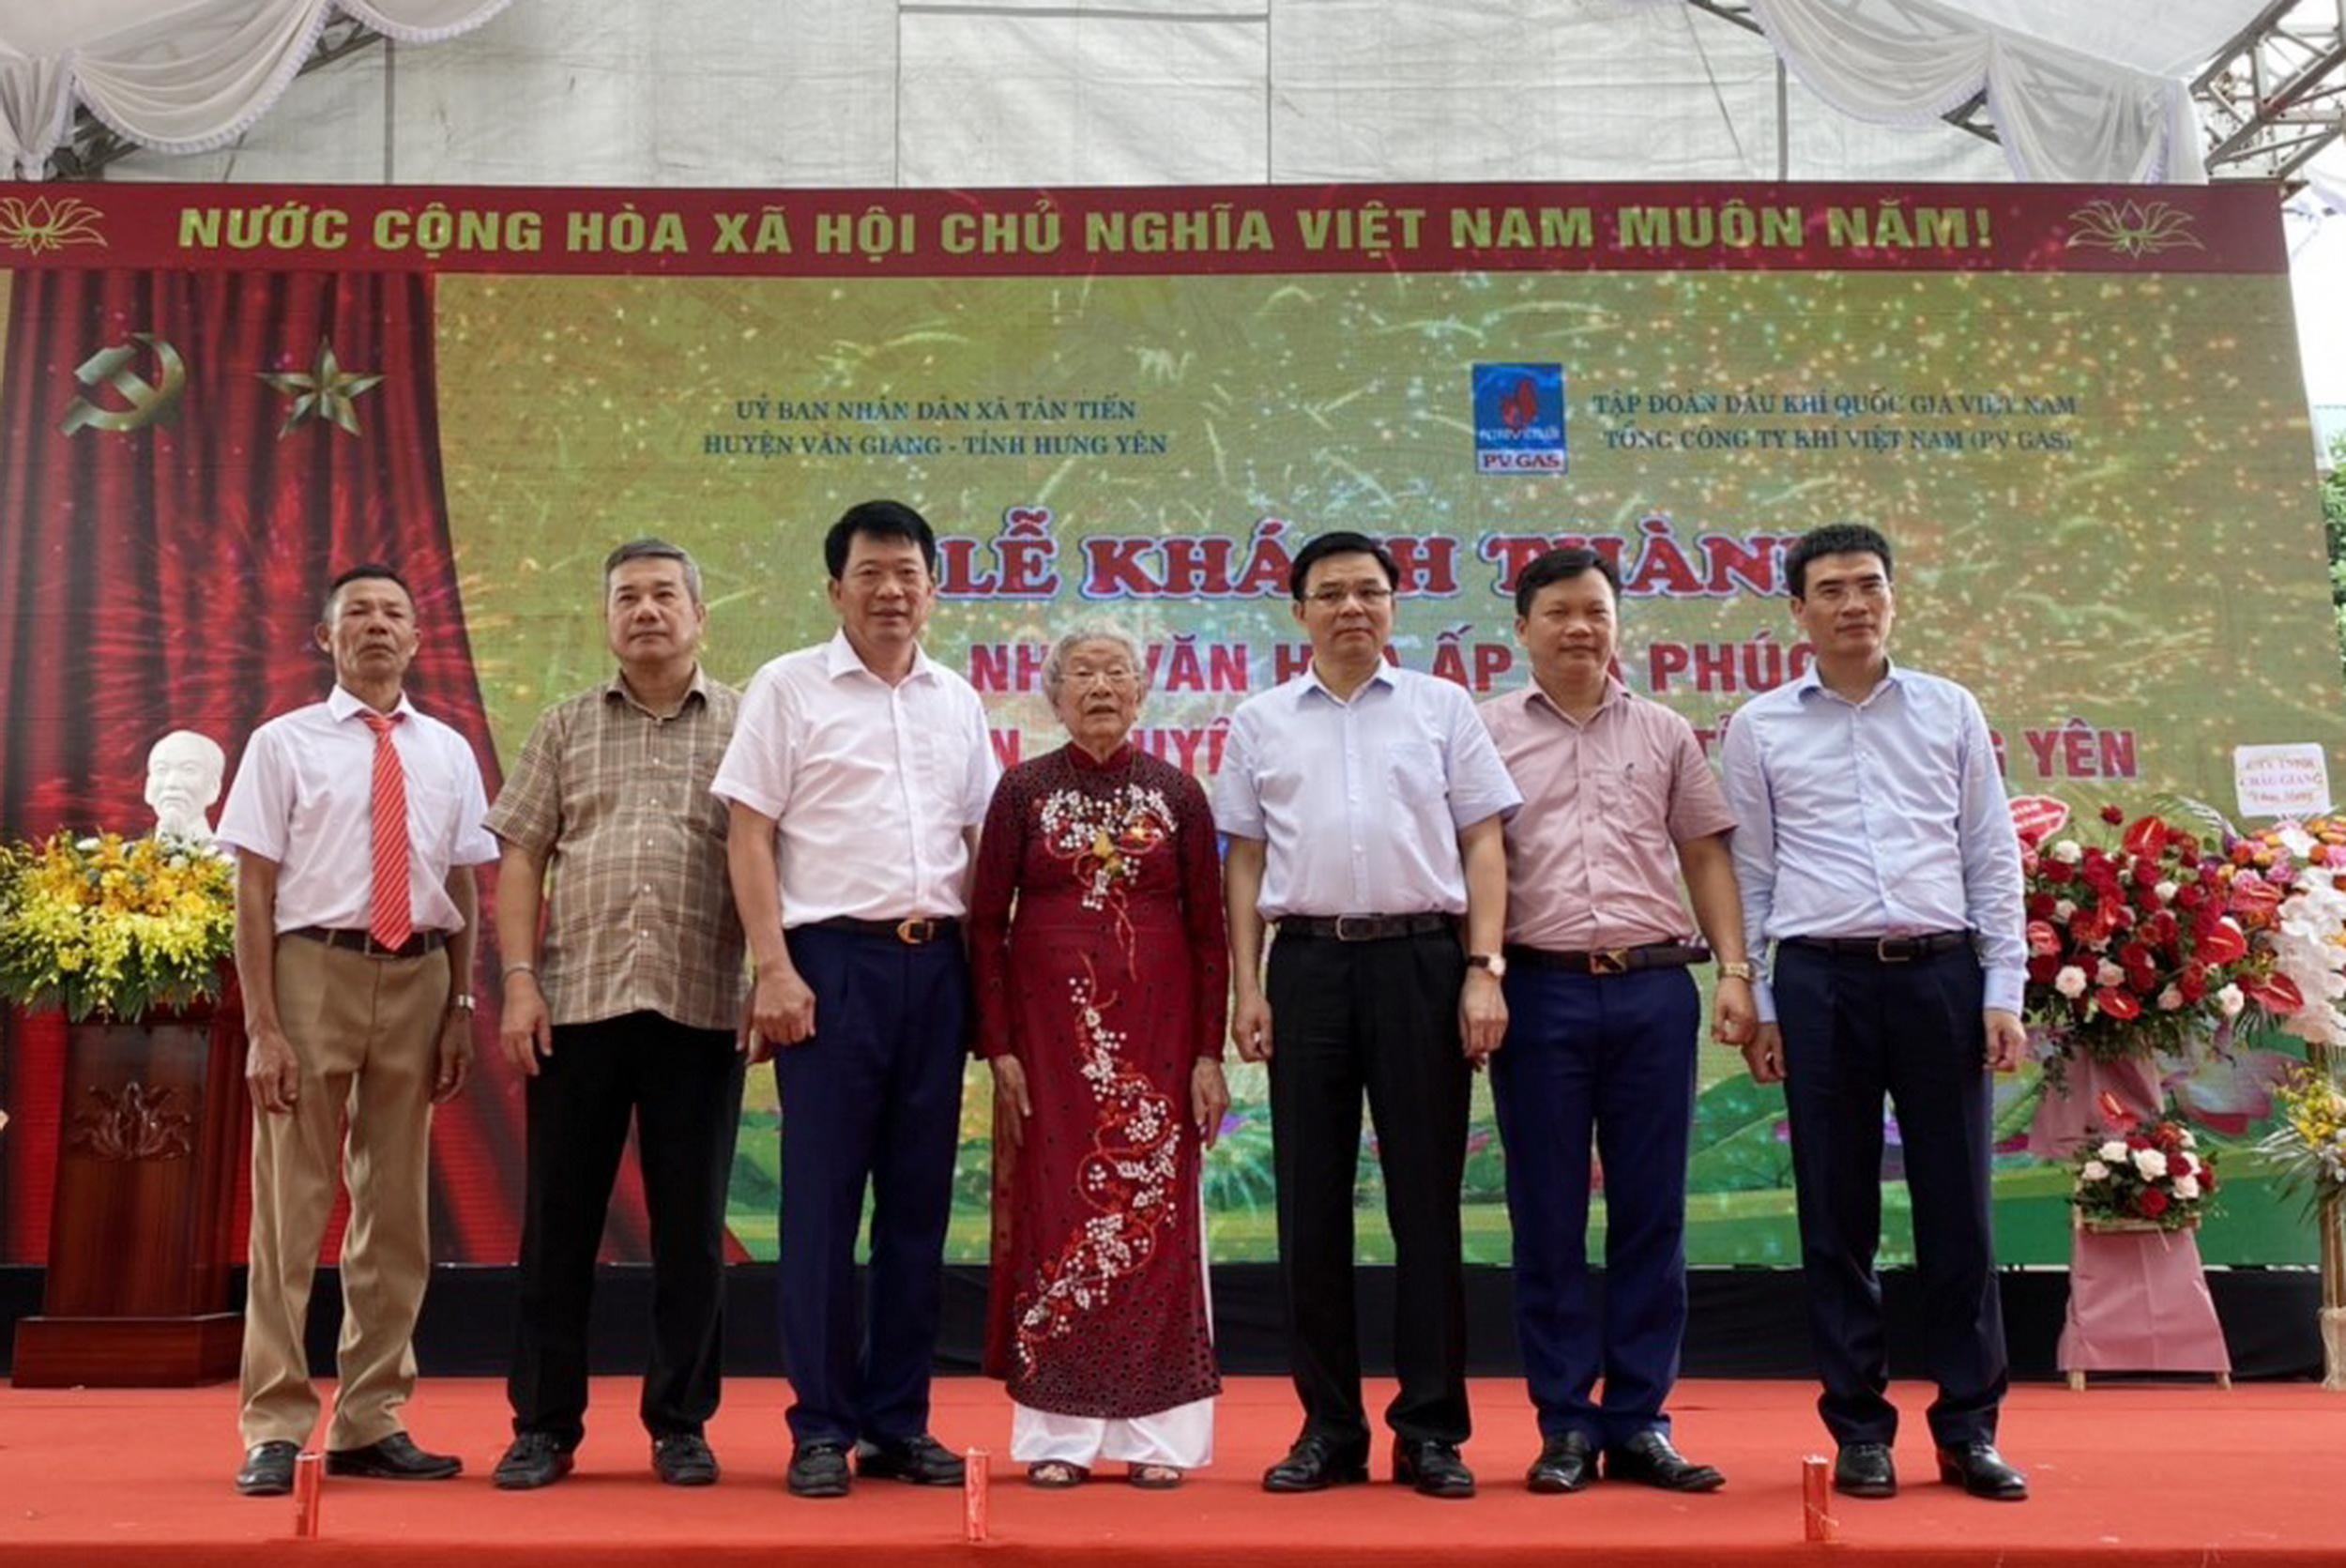 Các đại biểu chụp hình cùng cụ bà Hoàng Thị Phượng – Anh hùng Lực lượng vũ trang nhân dân